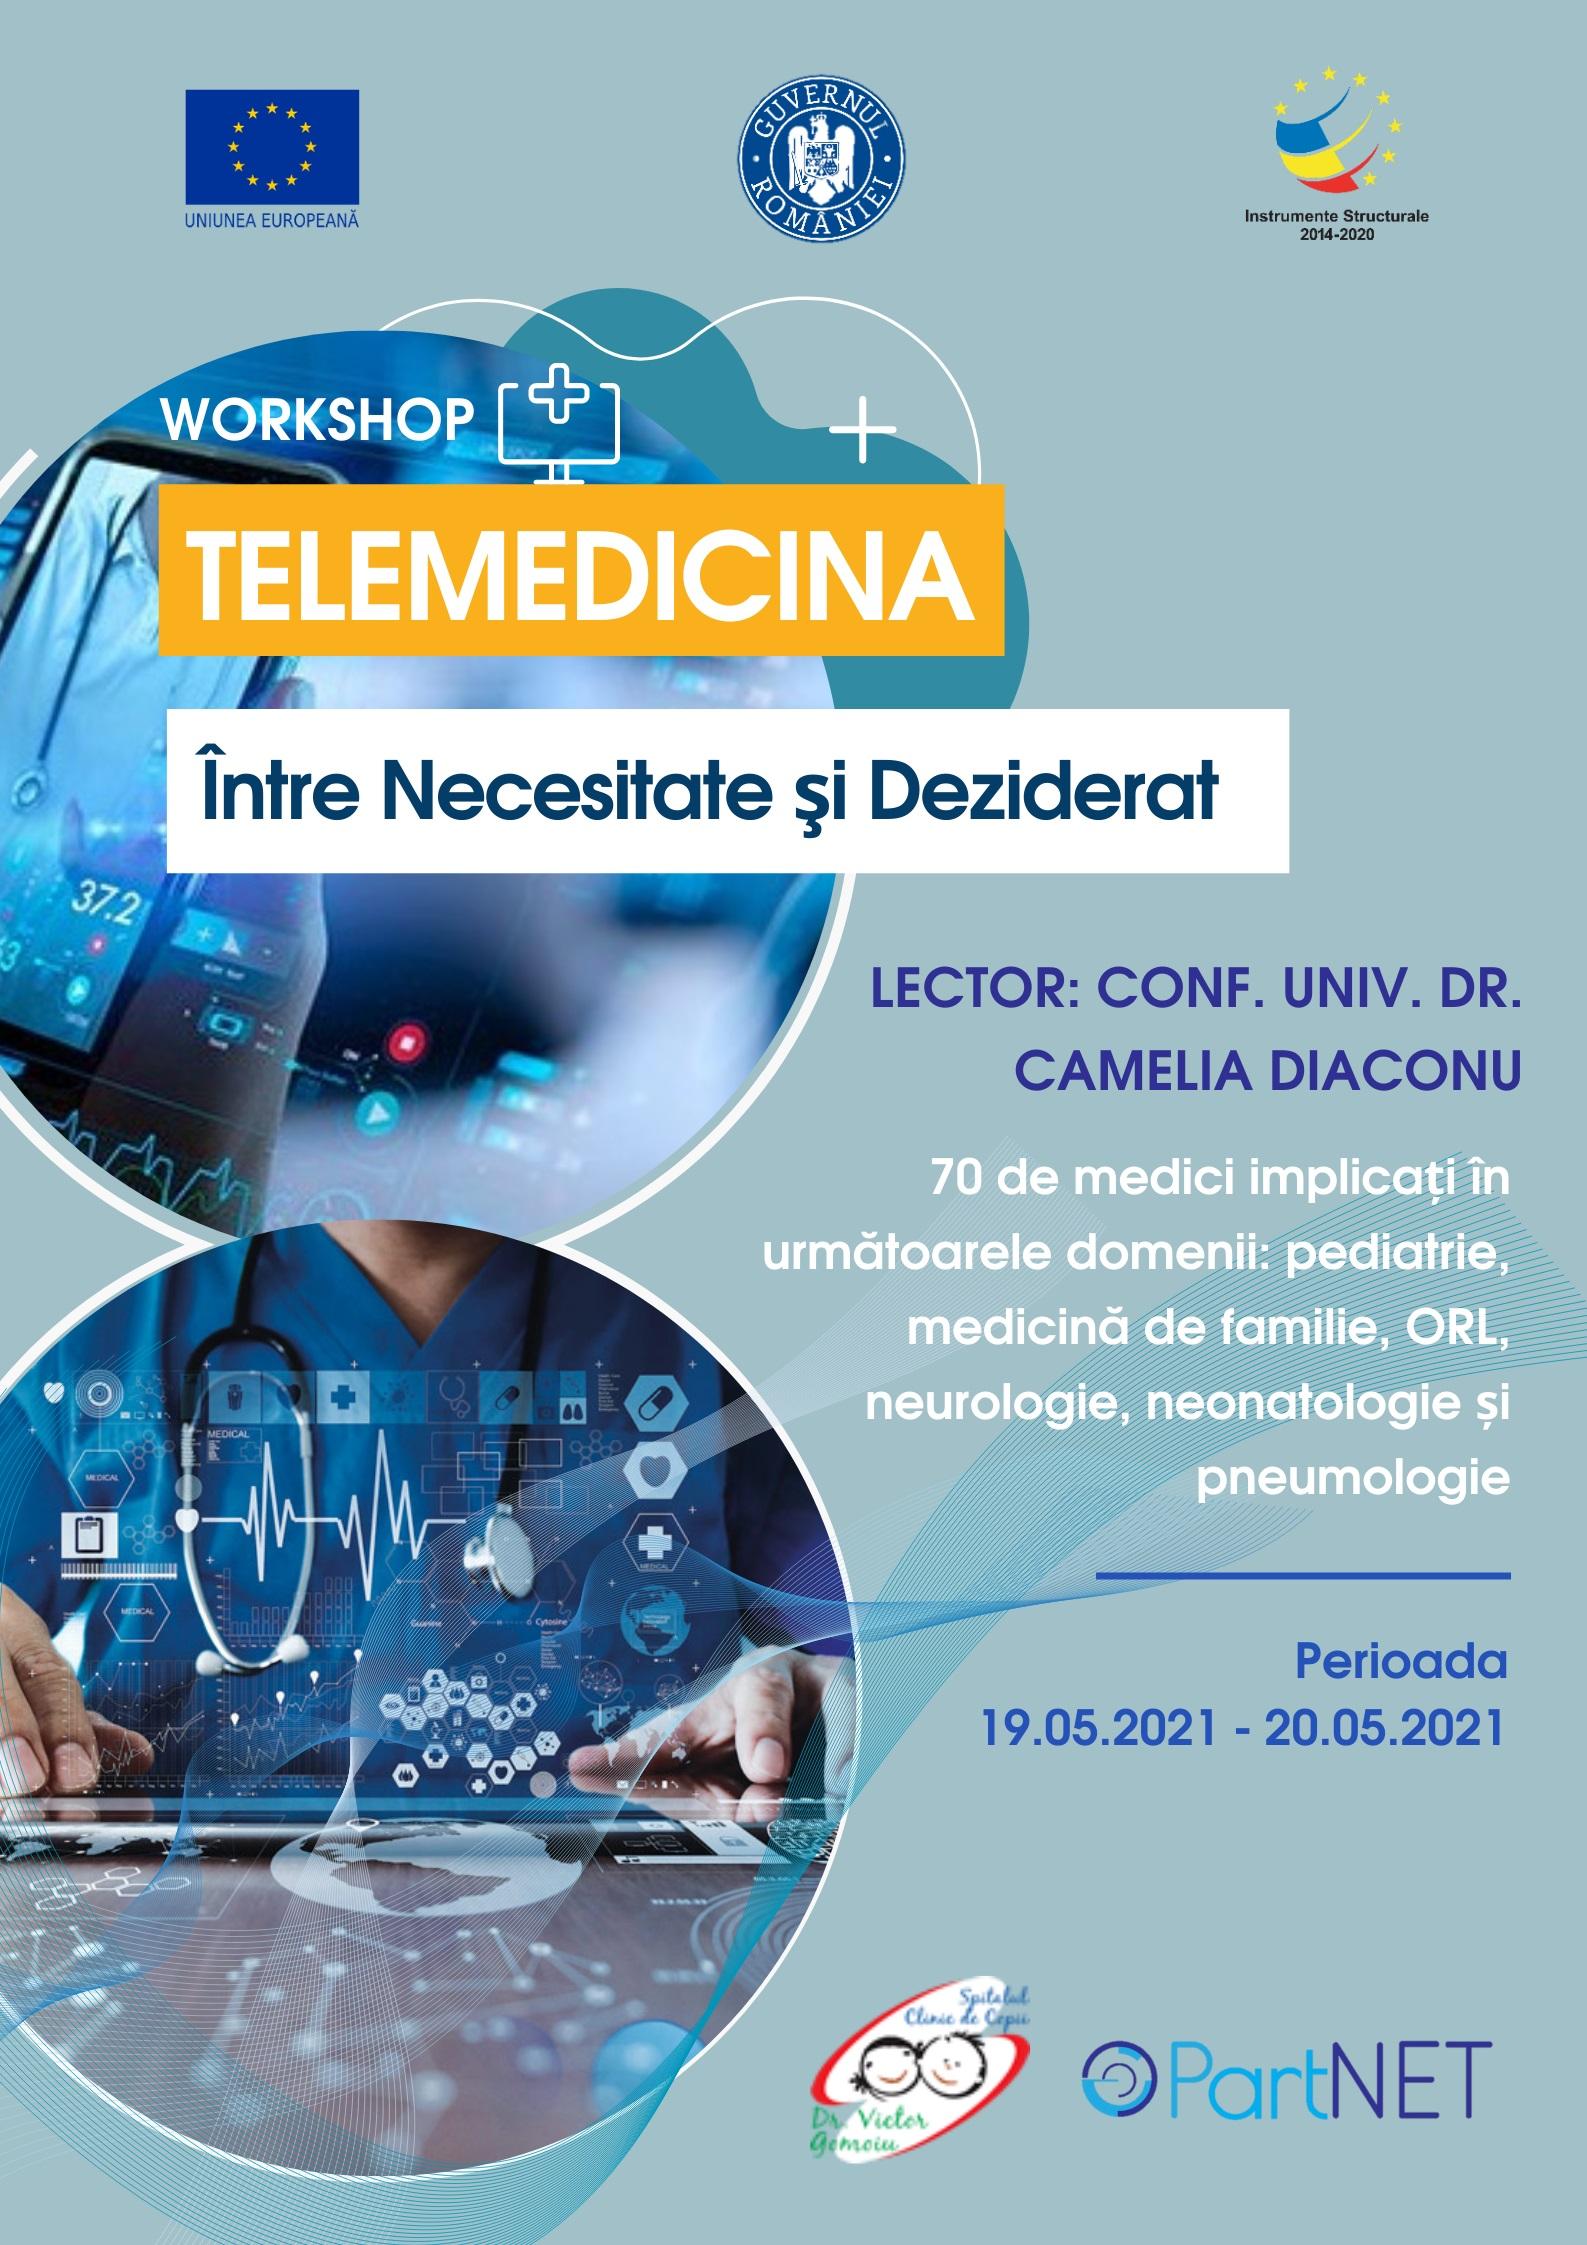 Telemedicina - intre necesitate si deziderat v3